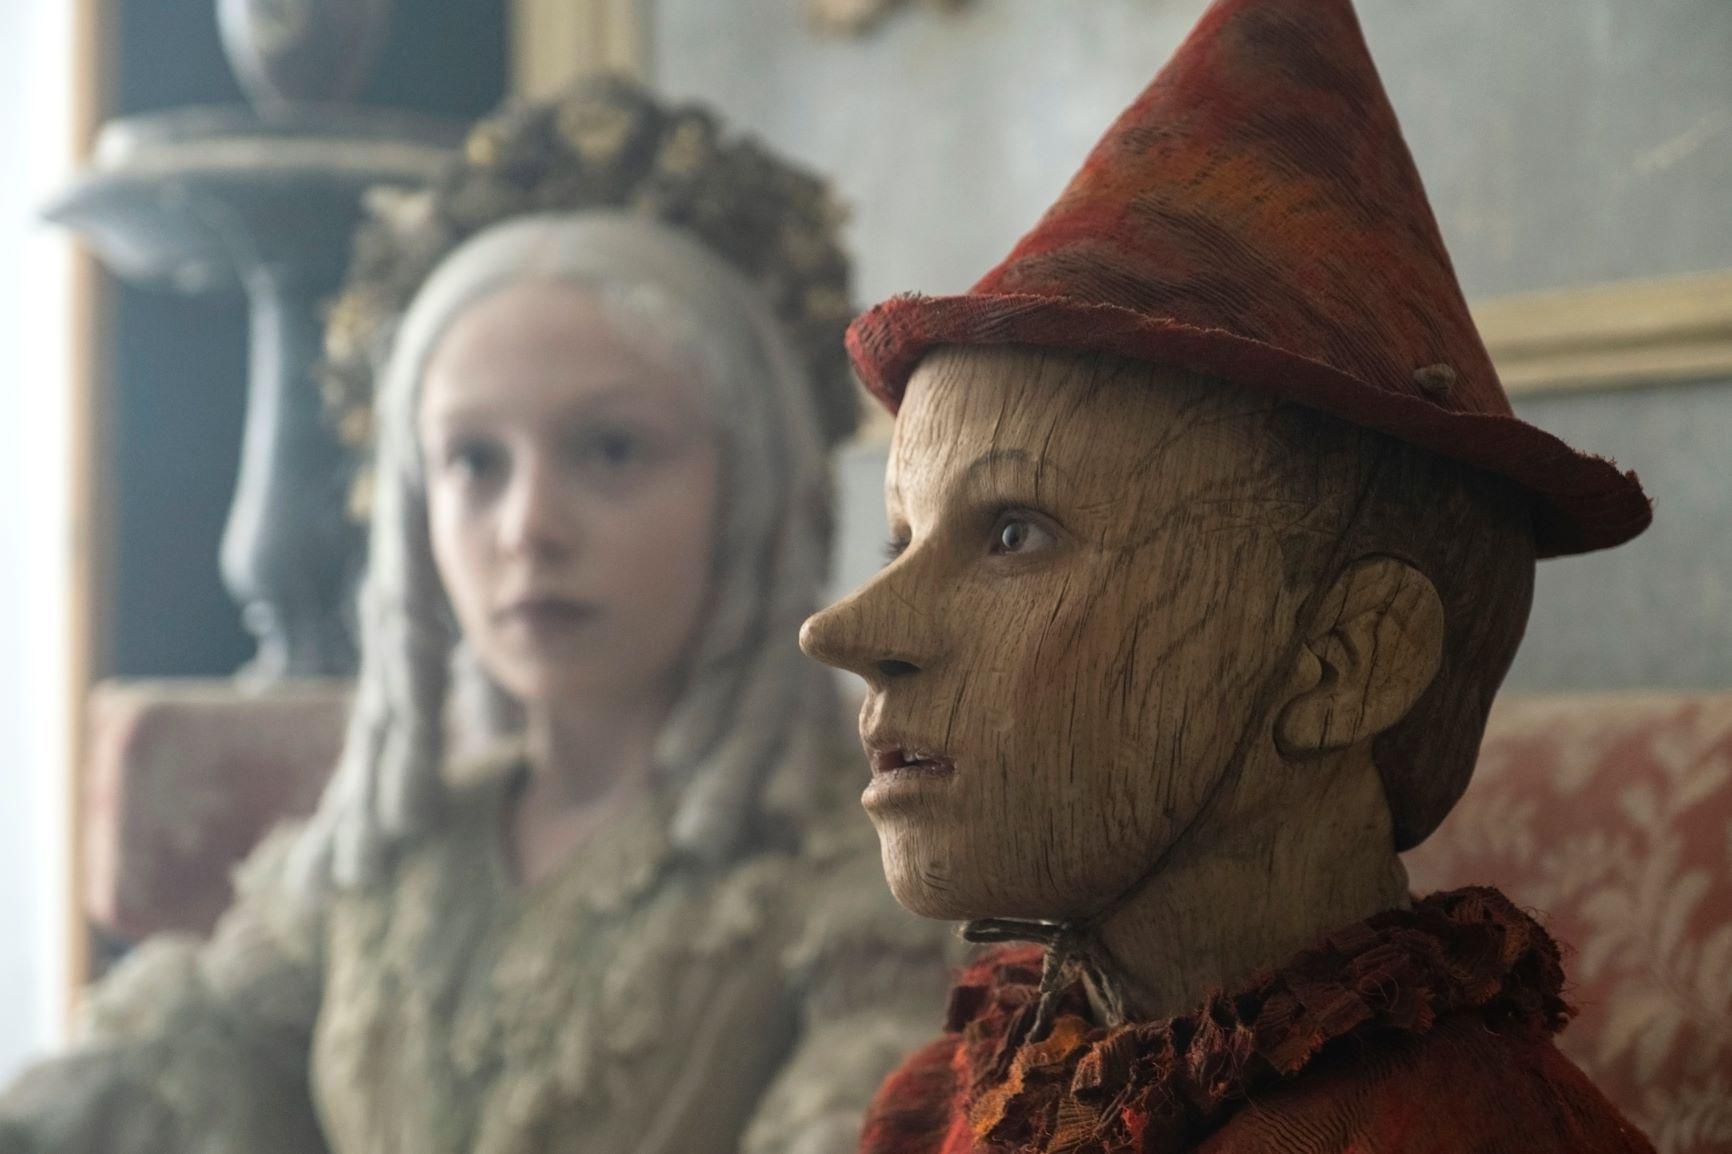 Cena do filme Pinóquio. Nela vemos Pinóquio e a fada. Em primeiro plano, e focado, está Pinóquio, um menino feito de madeira, pele marrom, e nariz pontudo. Ele veste um chapéu em forma de cone vermelho, e uma blusa com gola da mesma cor. Desfocada, à esquerda, está a fada. Uma menina branca, de cabelos grisalhos azulados, e vestido verde.